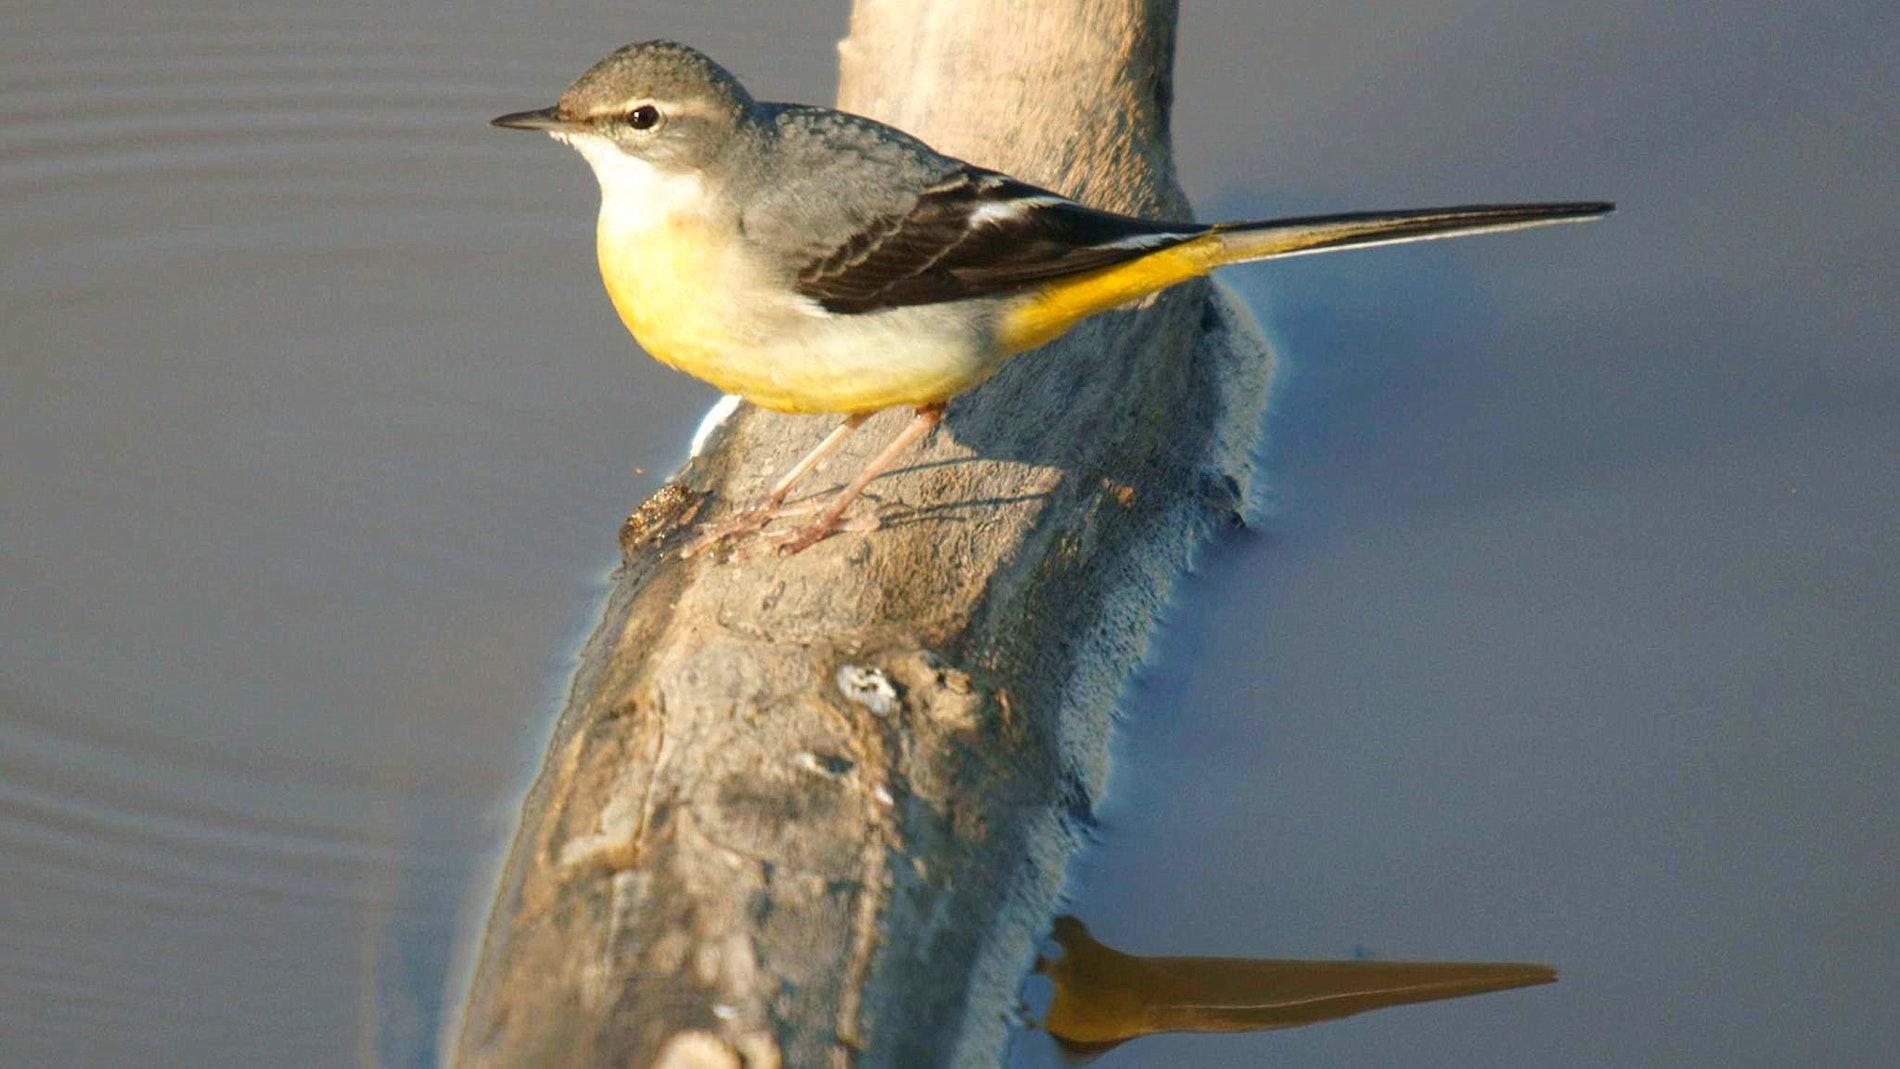 La dieta especializada de peces y aves acuaticas los hace vulnerables ante la degradacion de los rios